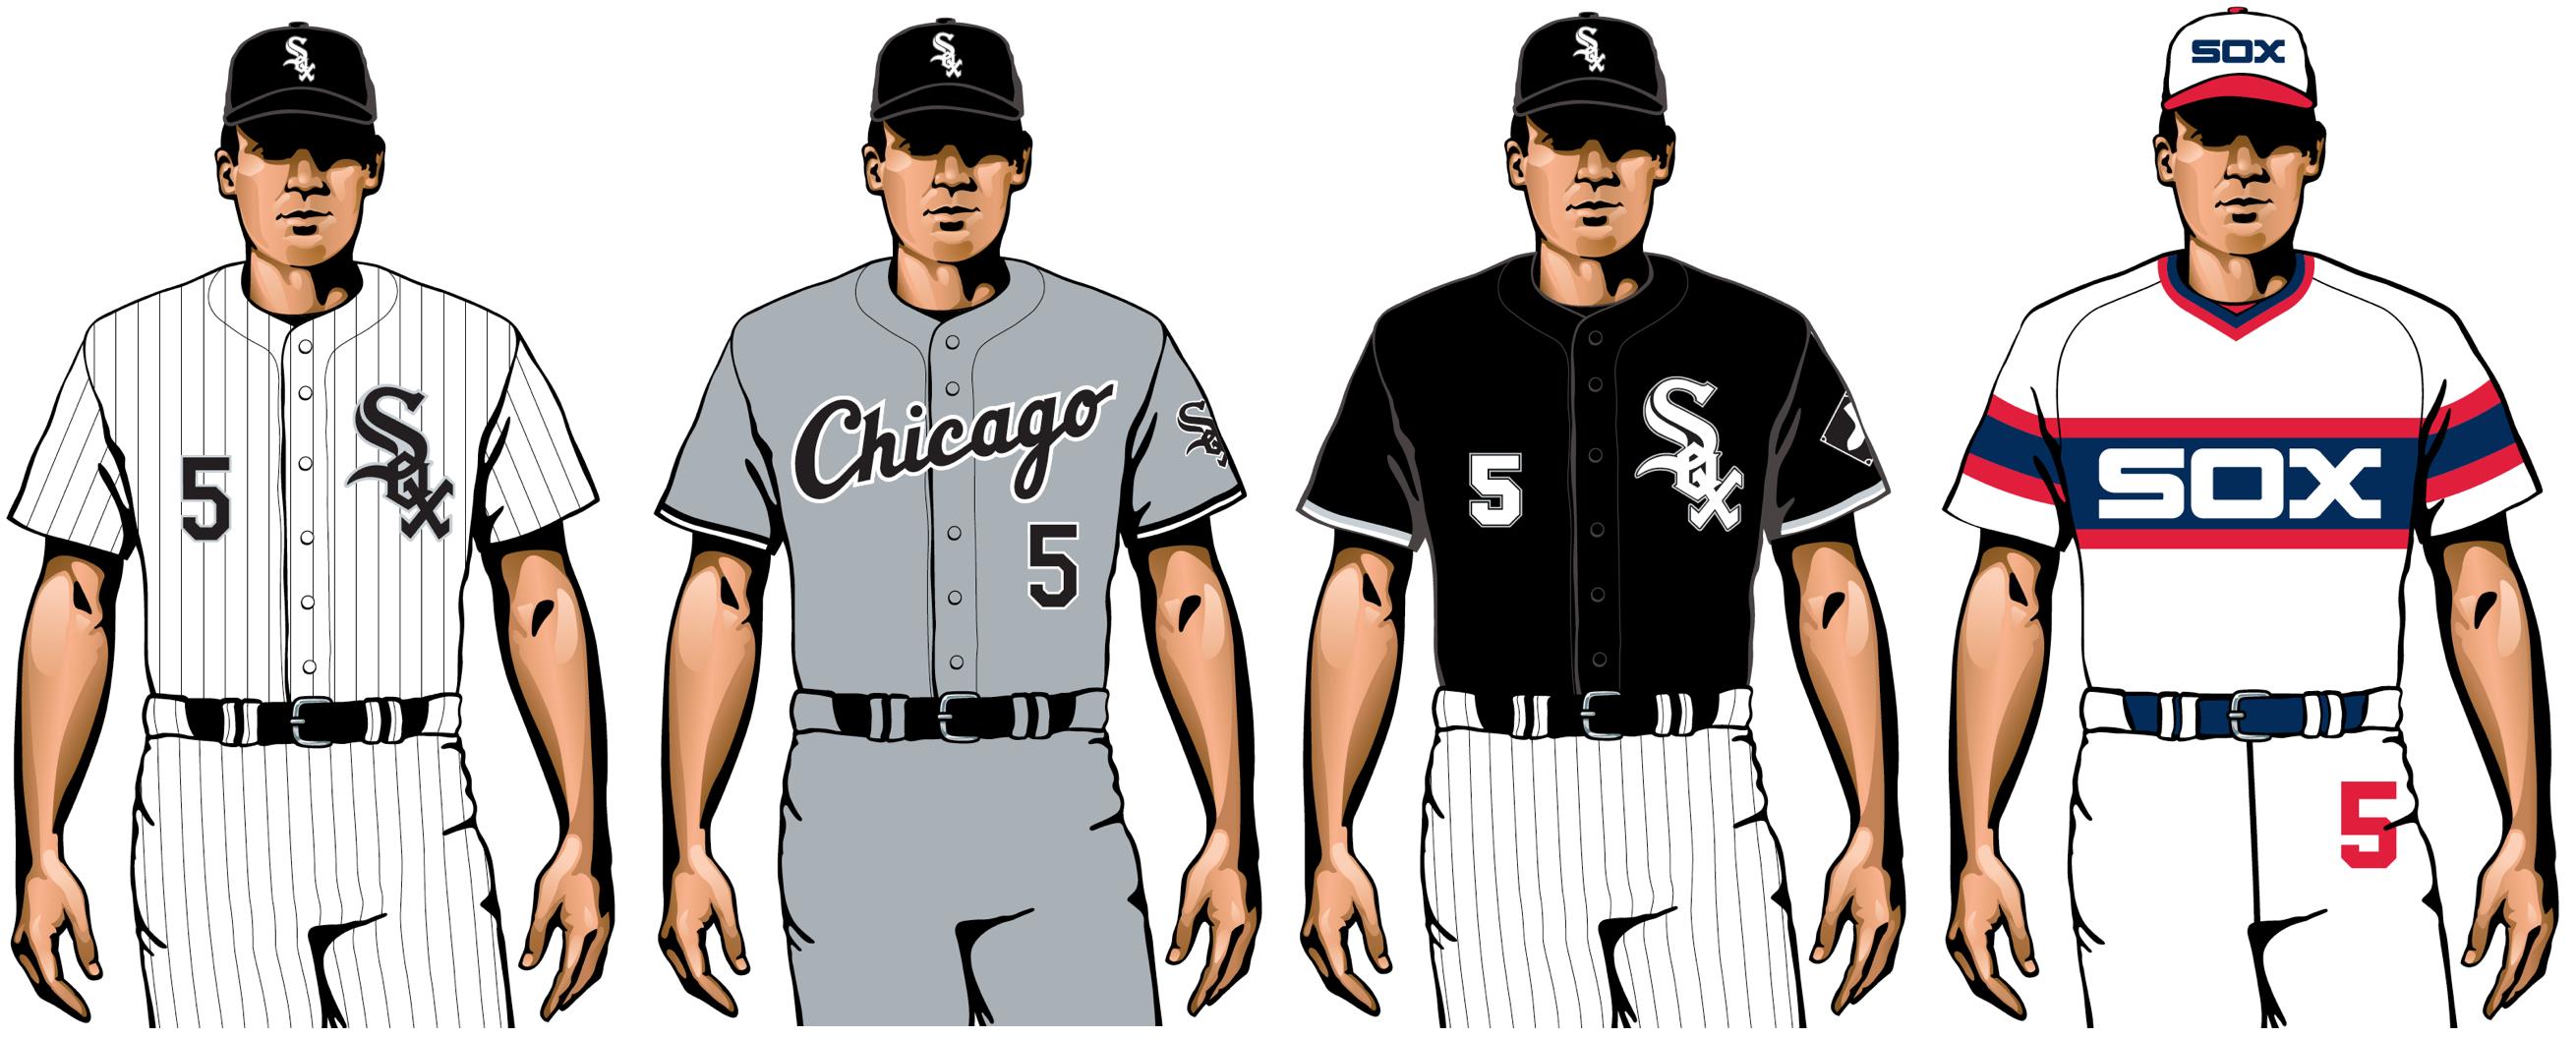 Chicago White Sox 2020 uniformes